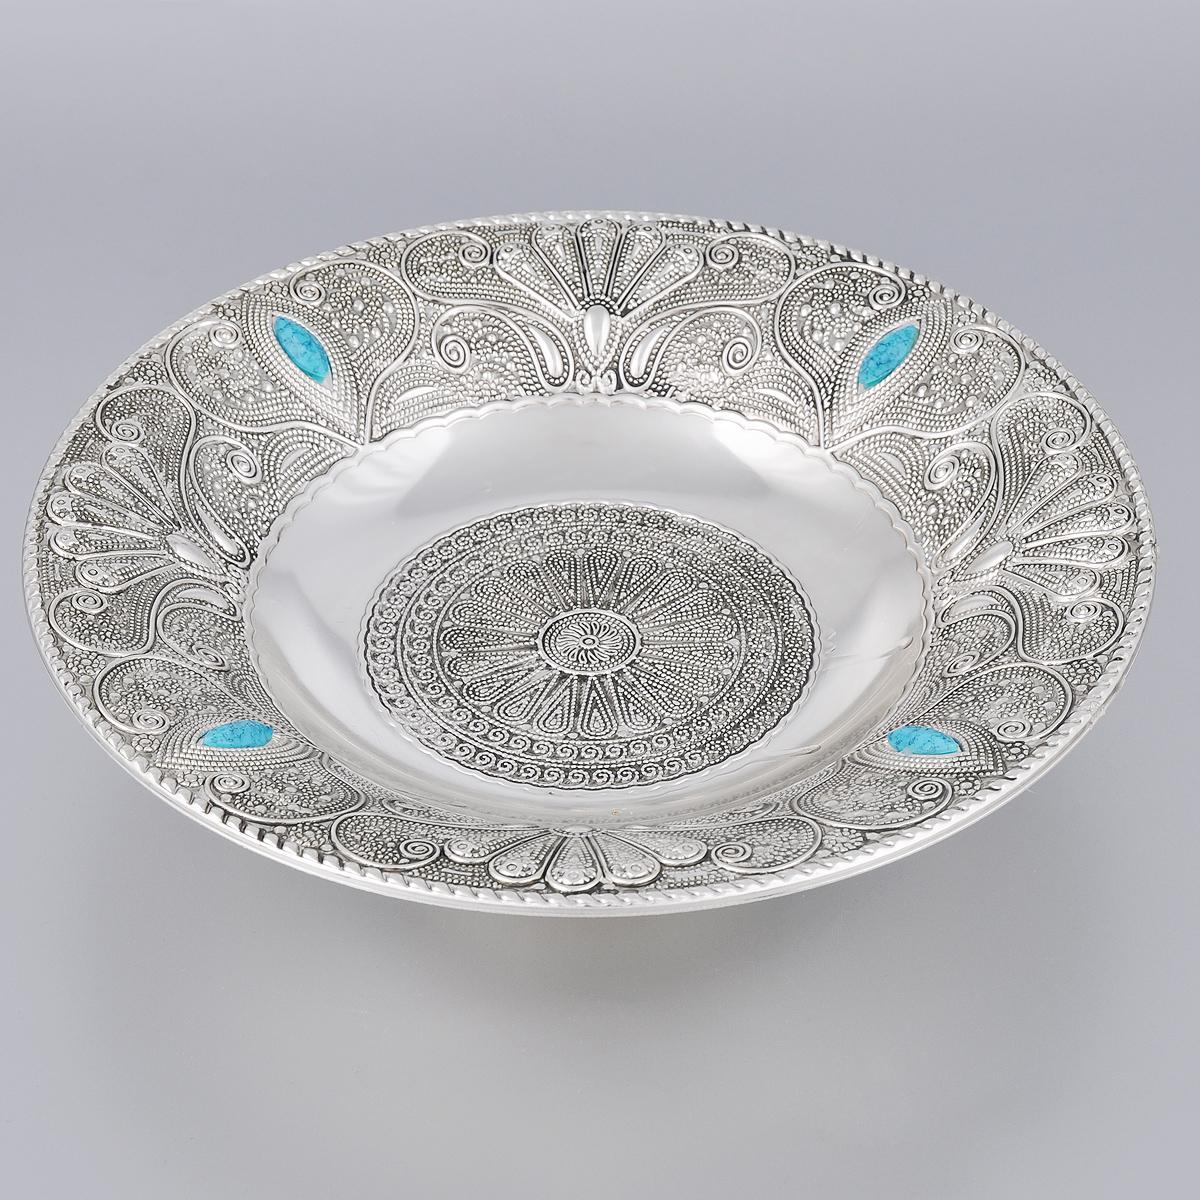 Ваза универсальная Marquis, диаметр 25,5 см. 7094-MR7094-MRУниверсальная ваза Marquis выполнена из стали с никель-серебряным покрытием и оформлена изящным рельефом и камнями. Ваза прекрасно подойдет для красивой сервировки конфет, фруктов, пирожных и много другого. Такая ваза придется по вкусу и ценителям классики, и тем, кто предпочитает утонченность и изысканность. Она украсит сервировку вашего стола и подчеркнет прекрасный вкус хозяина, а также станет отличным подарком. Диаметр (по верхнему краю): 25,5 см. Диаметр дна: 10 см. Высота вазы: 6,5 см.